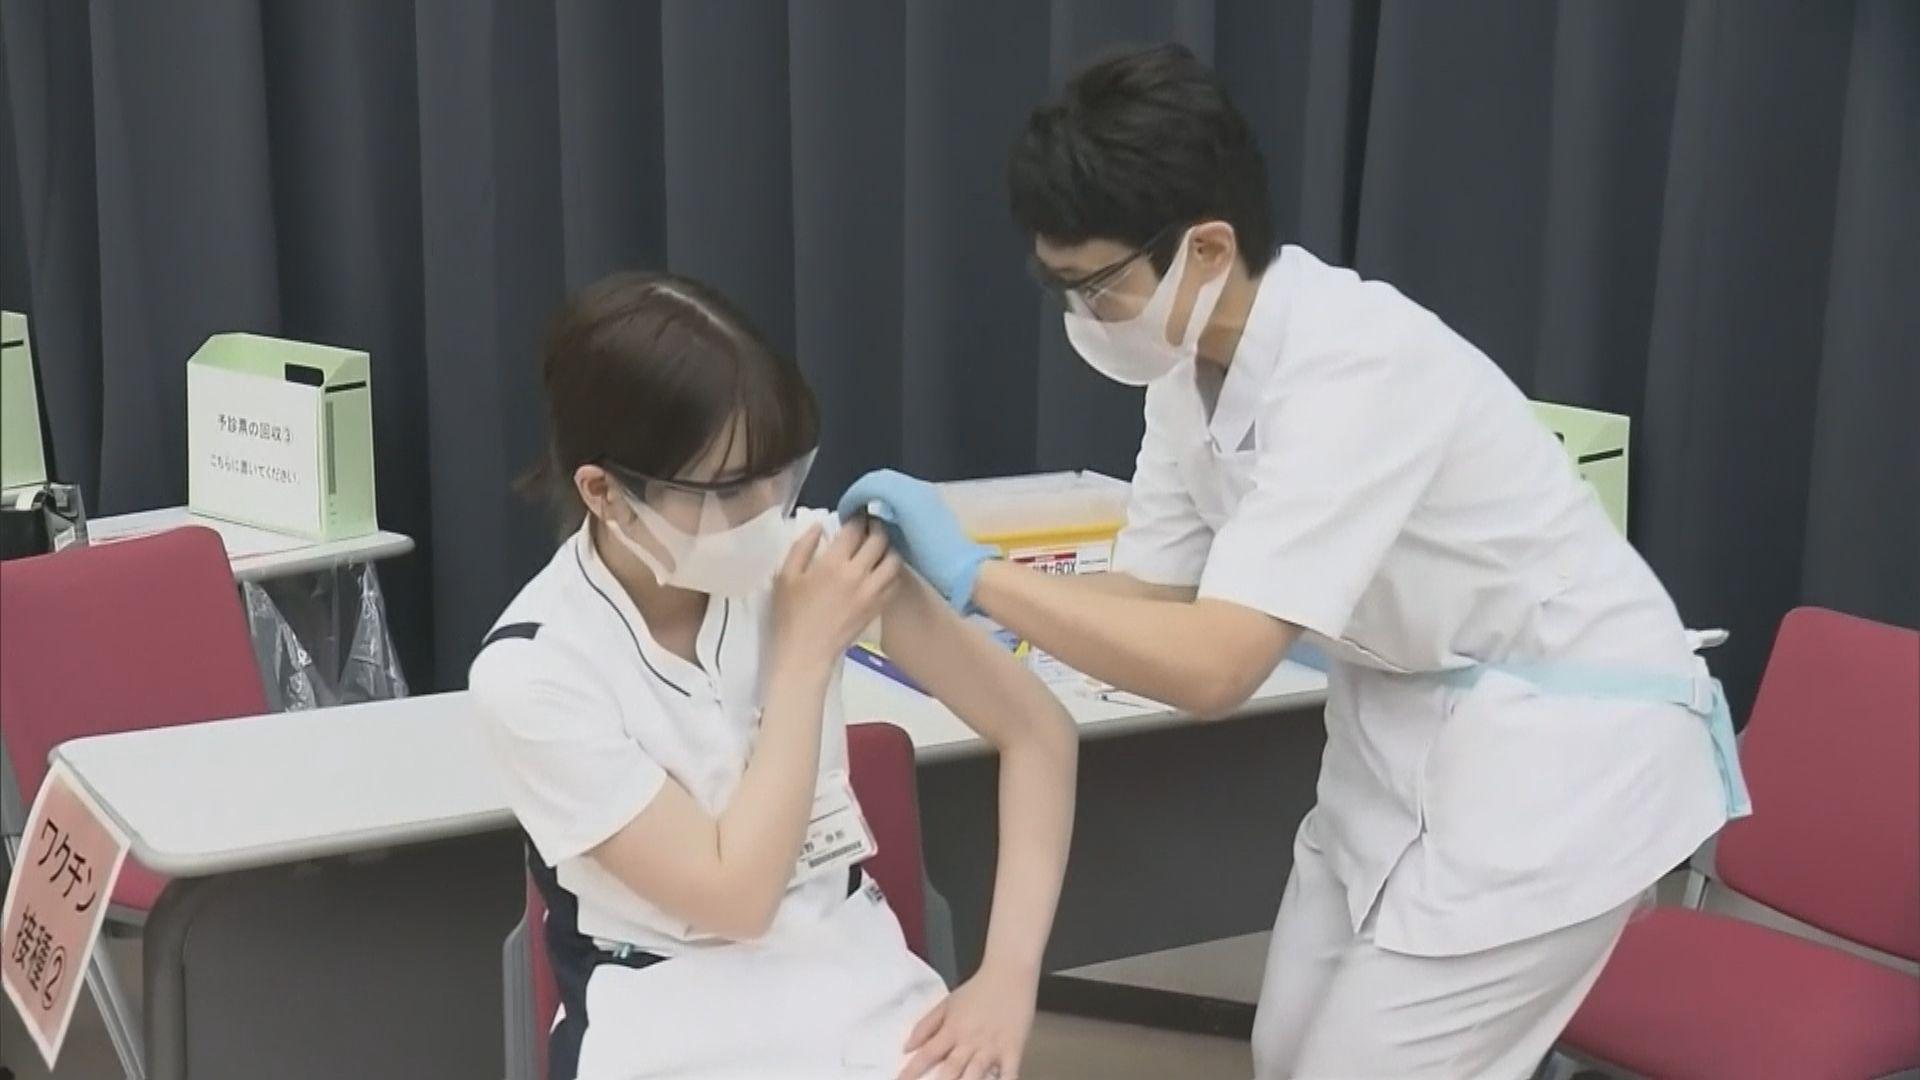 日本一名醫護接種輝瑞疫苗後急性過敏